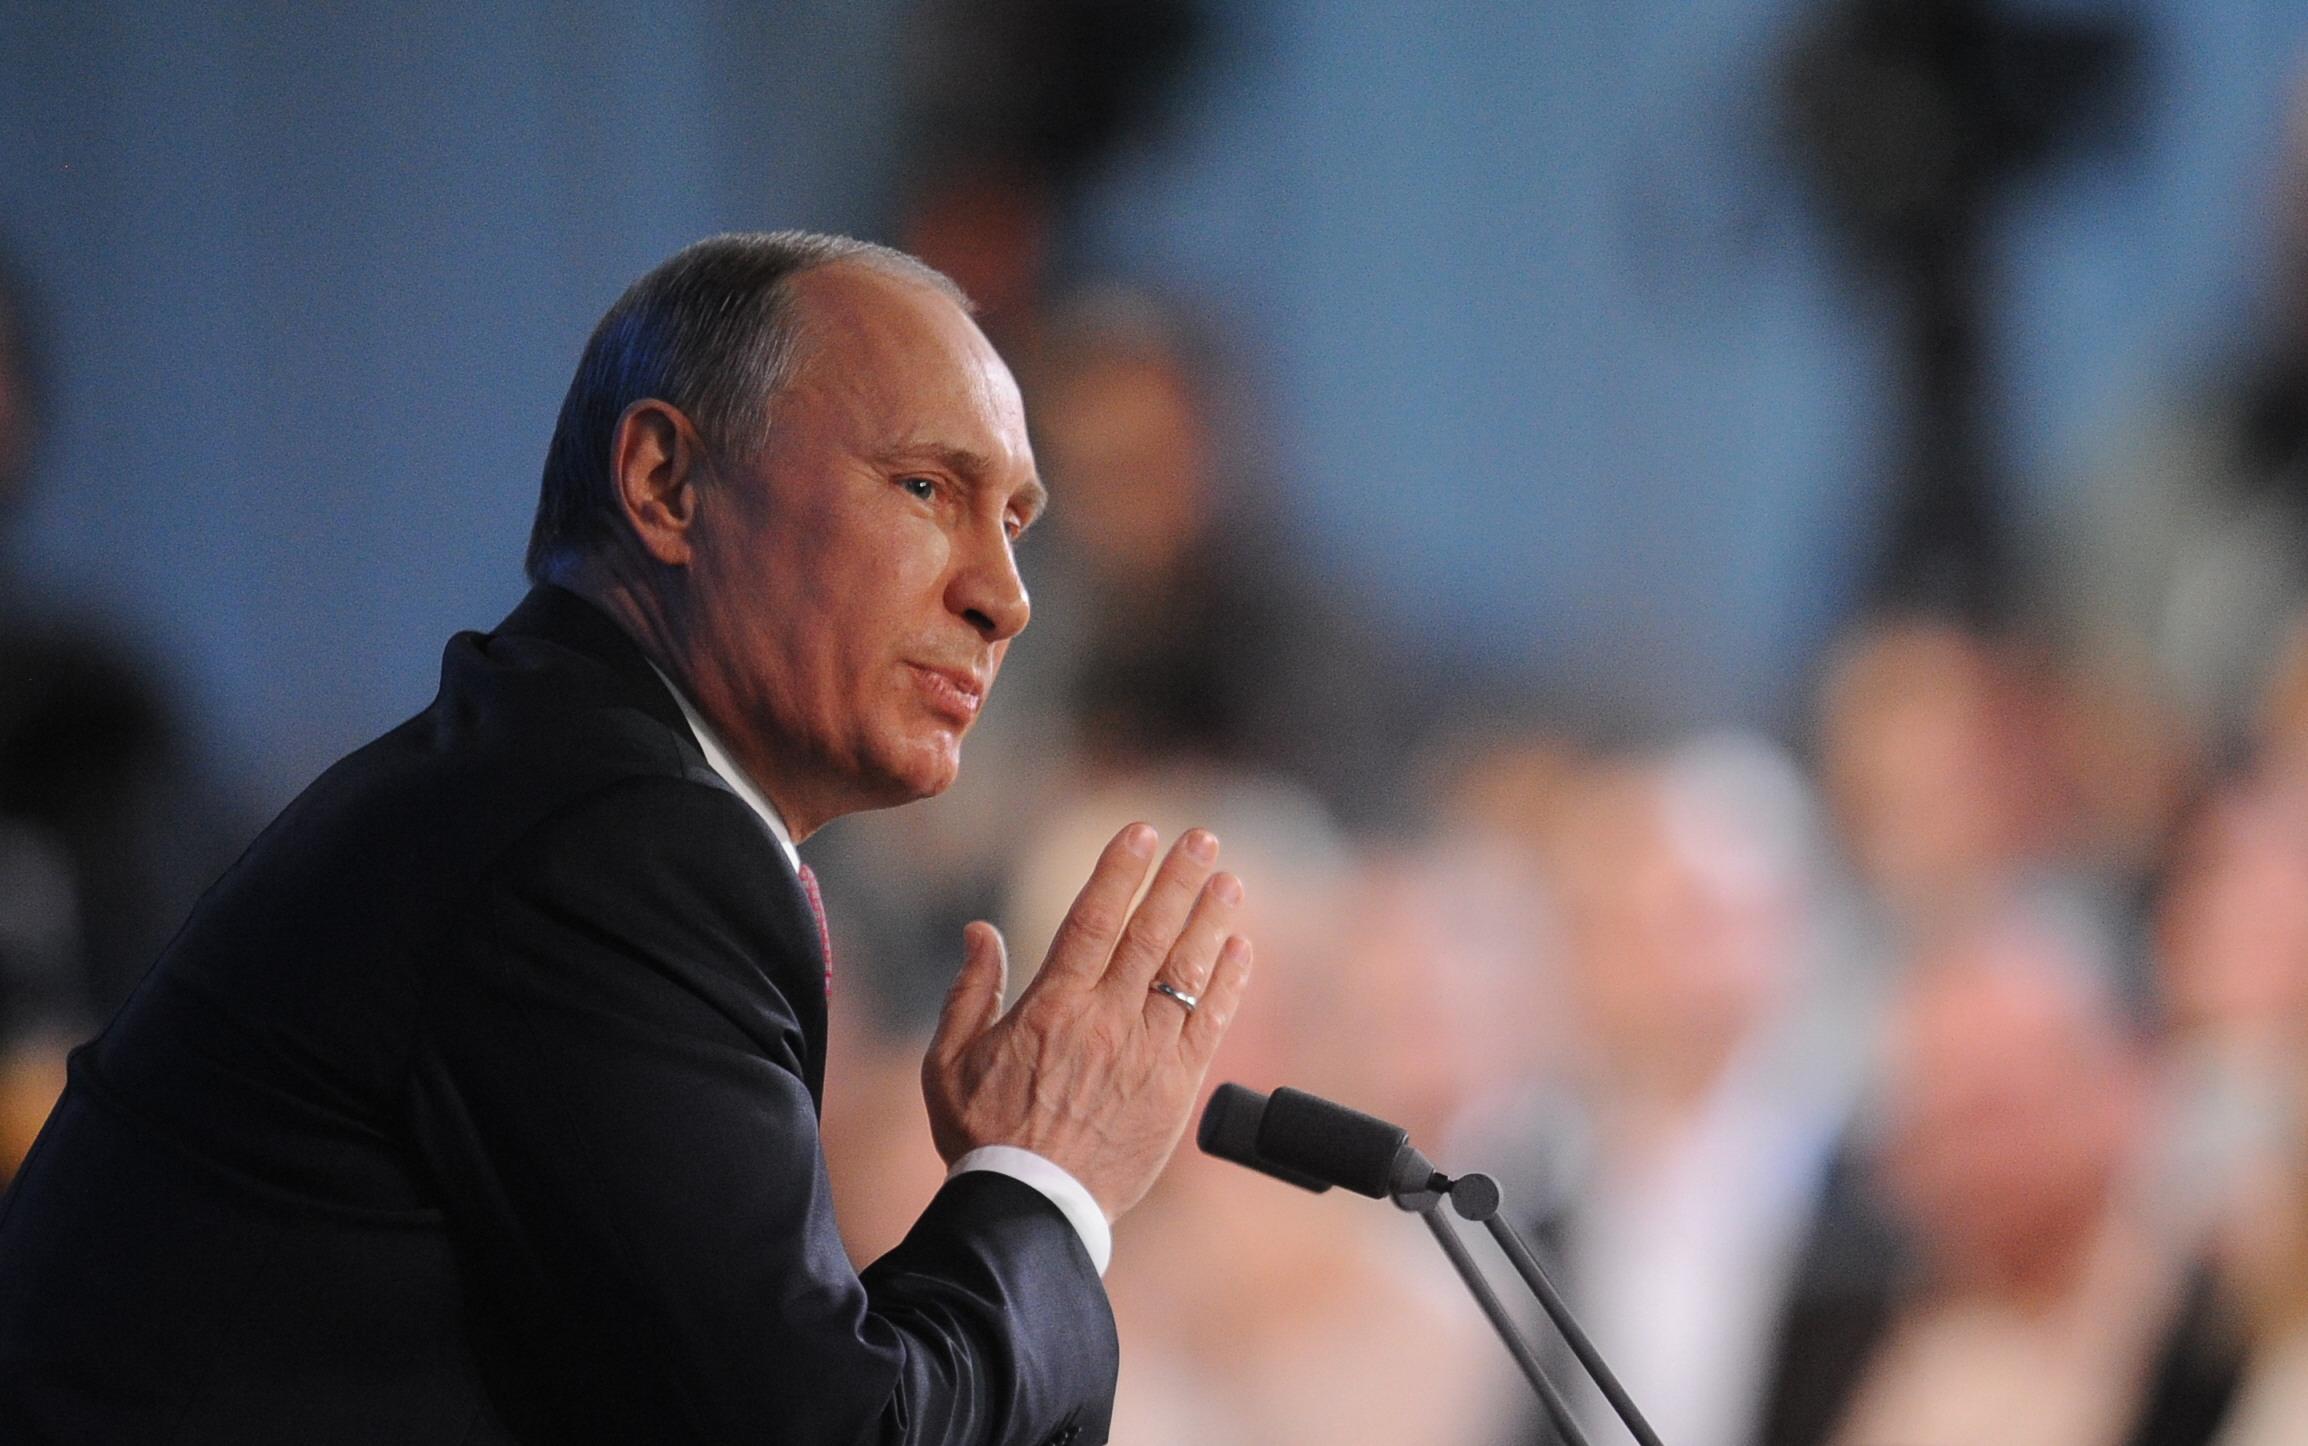 El presidente ruso, Vladímir Putin, hizo las declarciones durante una reunión con miembros de su administración. Fuente: ITAR-TASS.